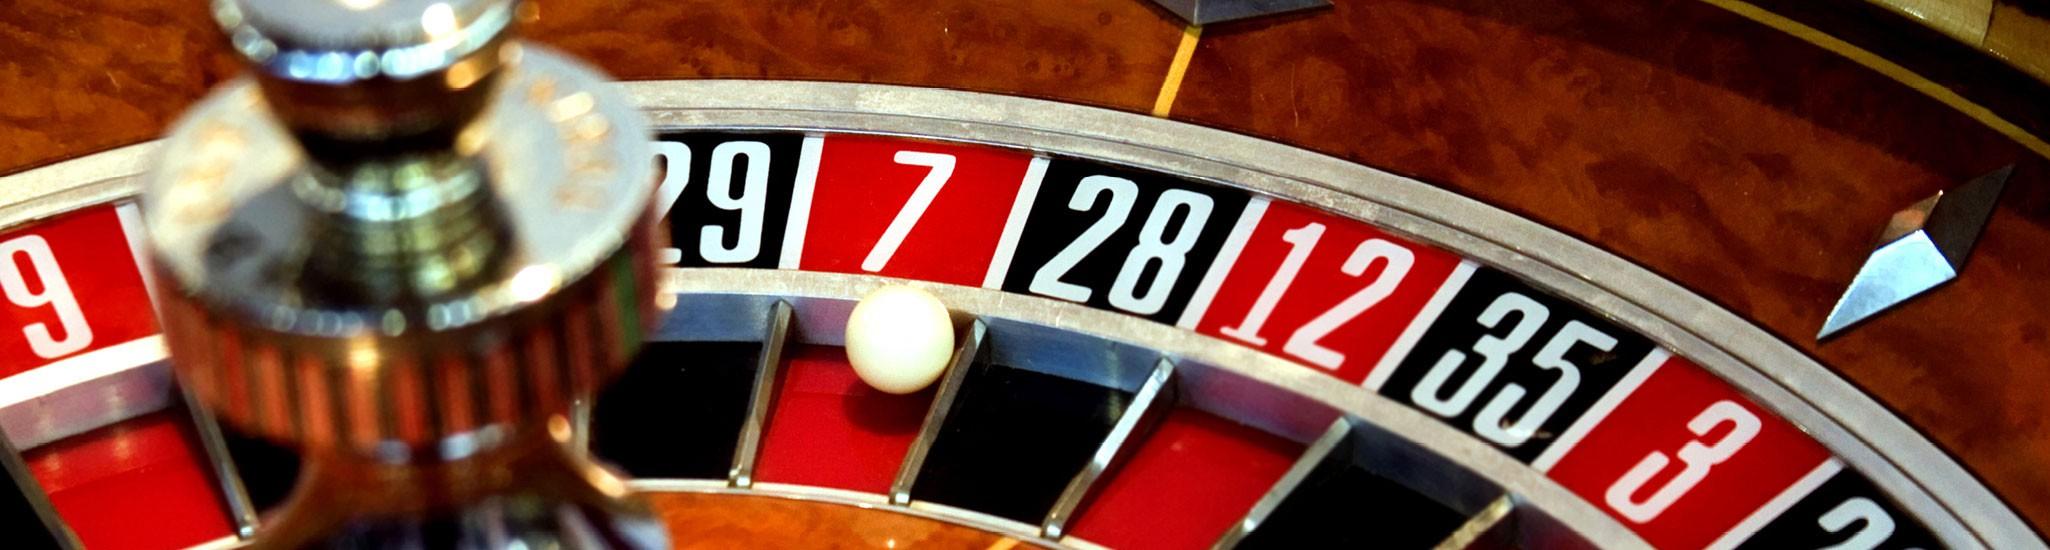 Mobile Casinos Zu Mieten